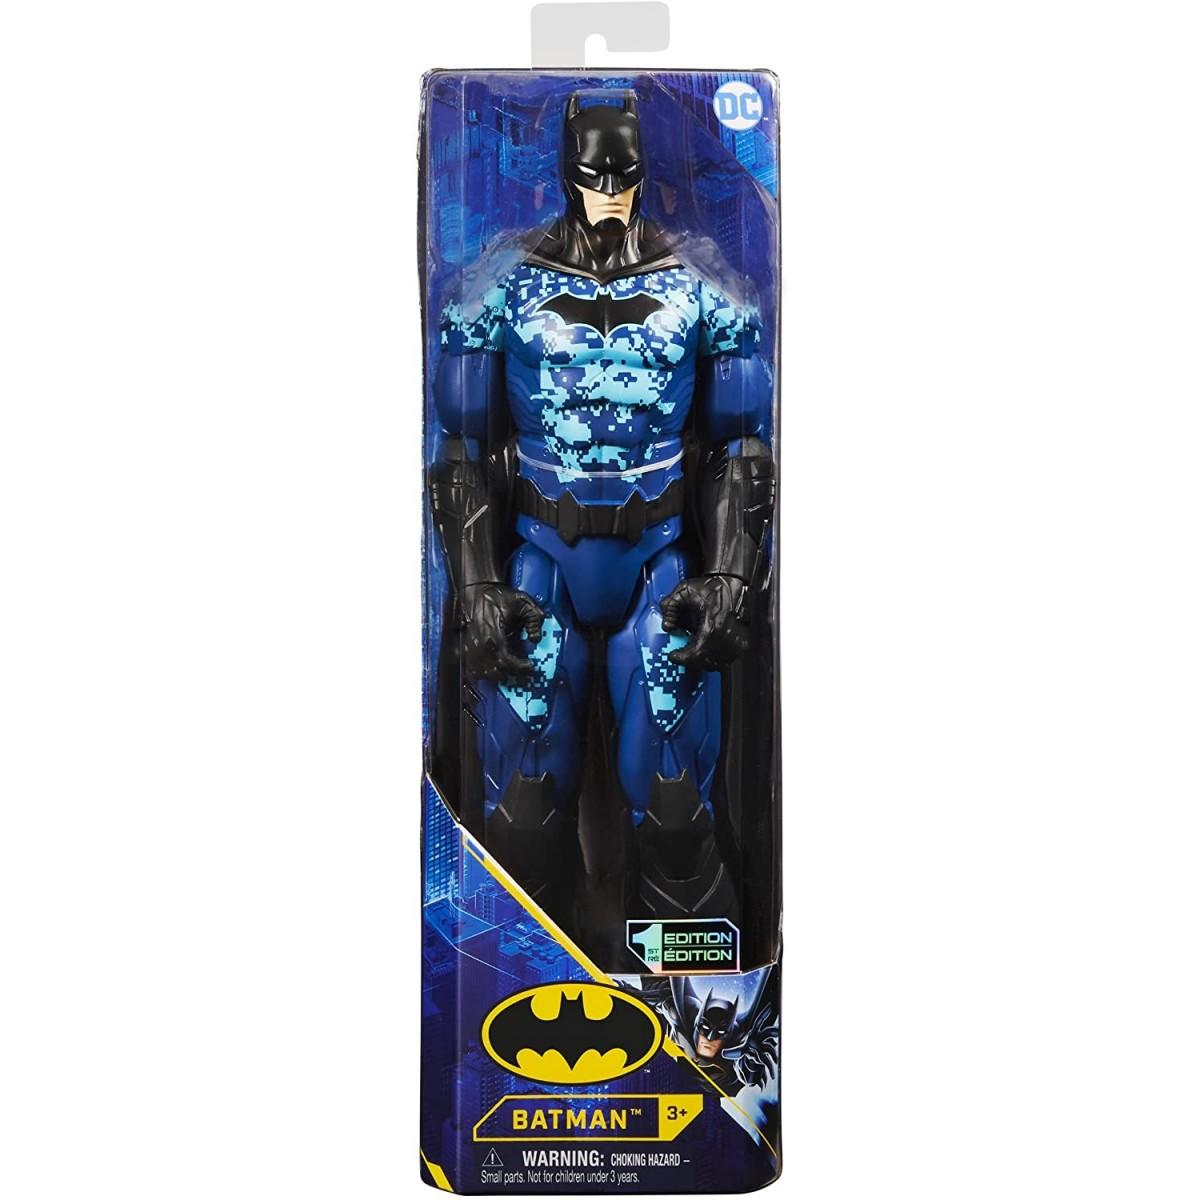 SPIN MASTER  BATMAN PERSONAGGIO BATMAN TECH BLU IN SCALA 30 CM 6060343